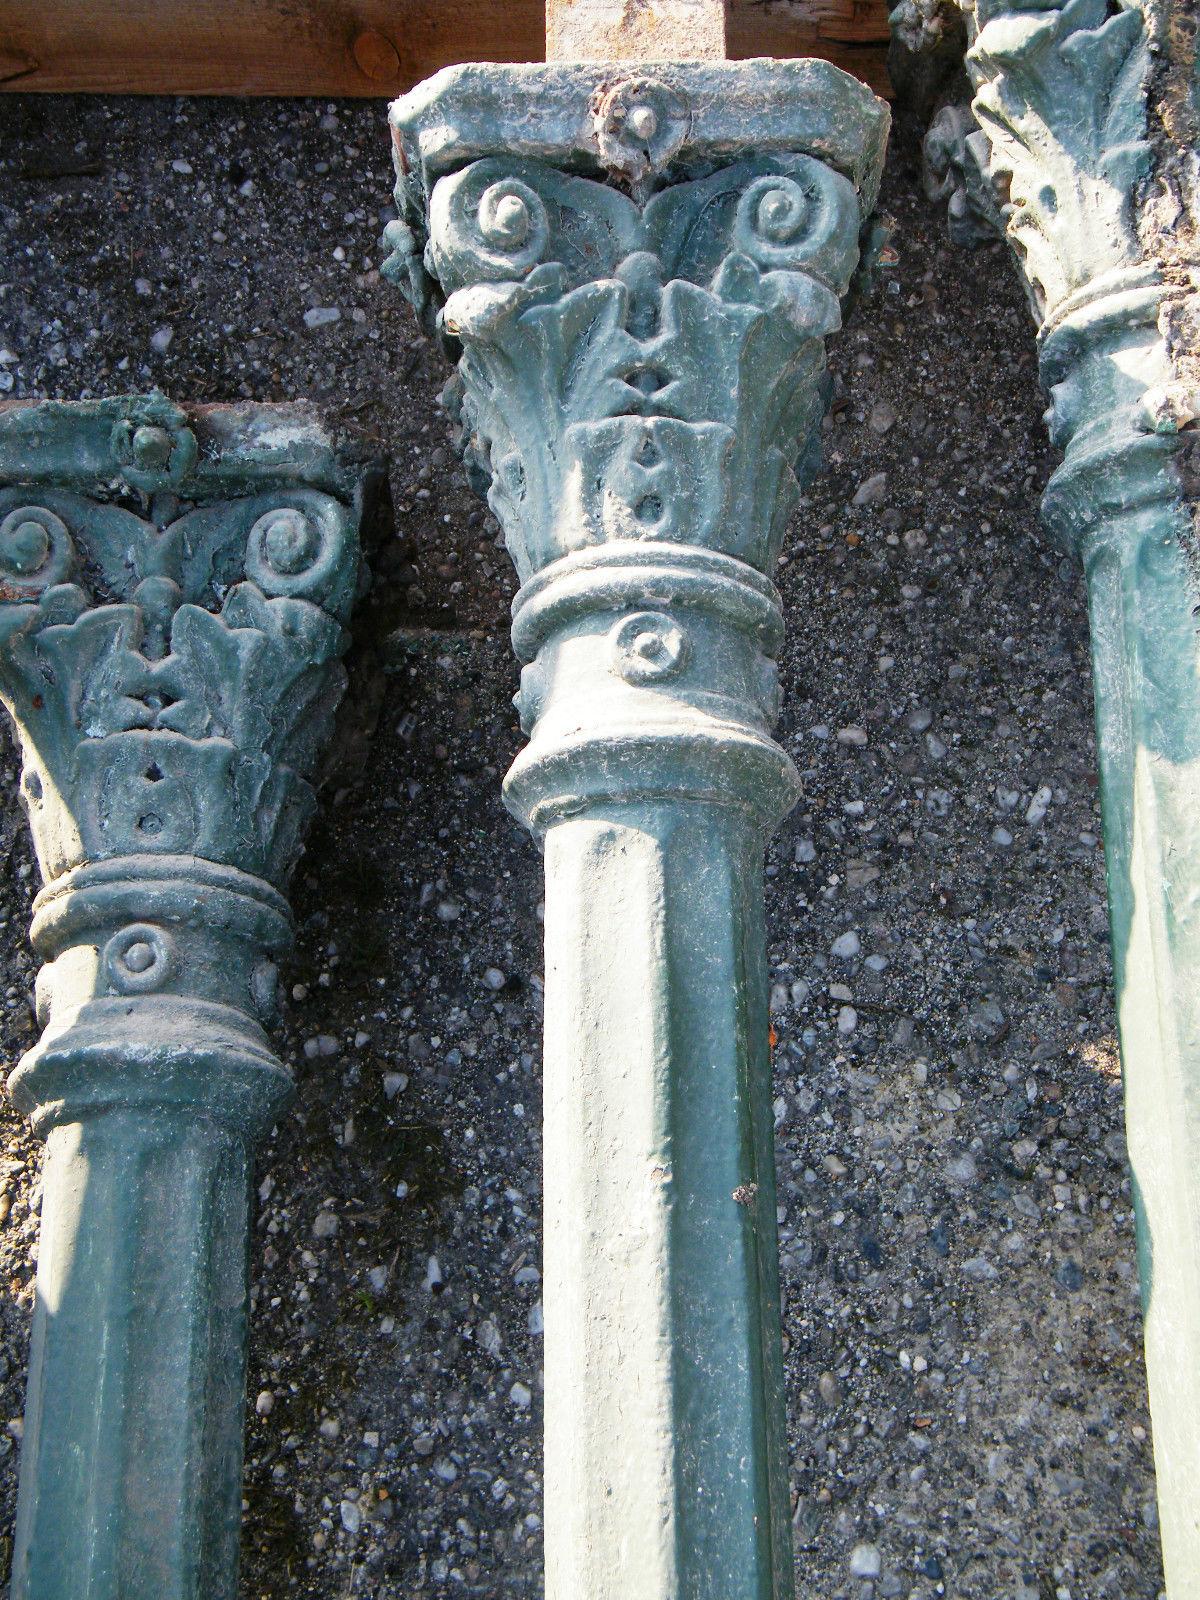 Gusssäule aus der Gründerzeit, sehr schöne verzierte Säule aus Gusseisen